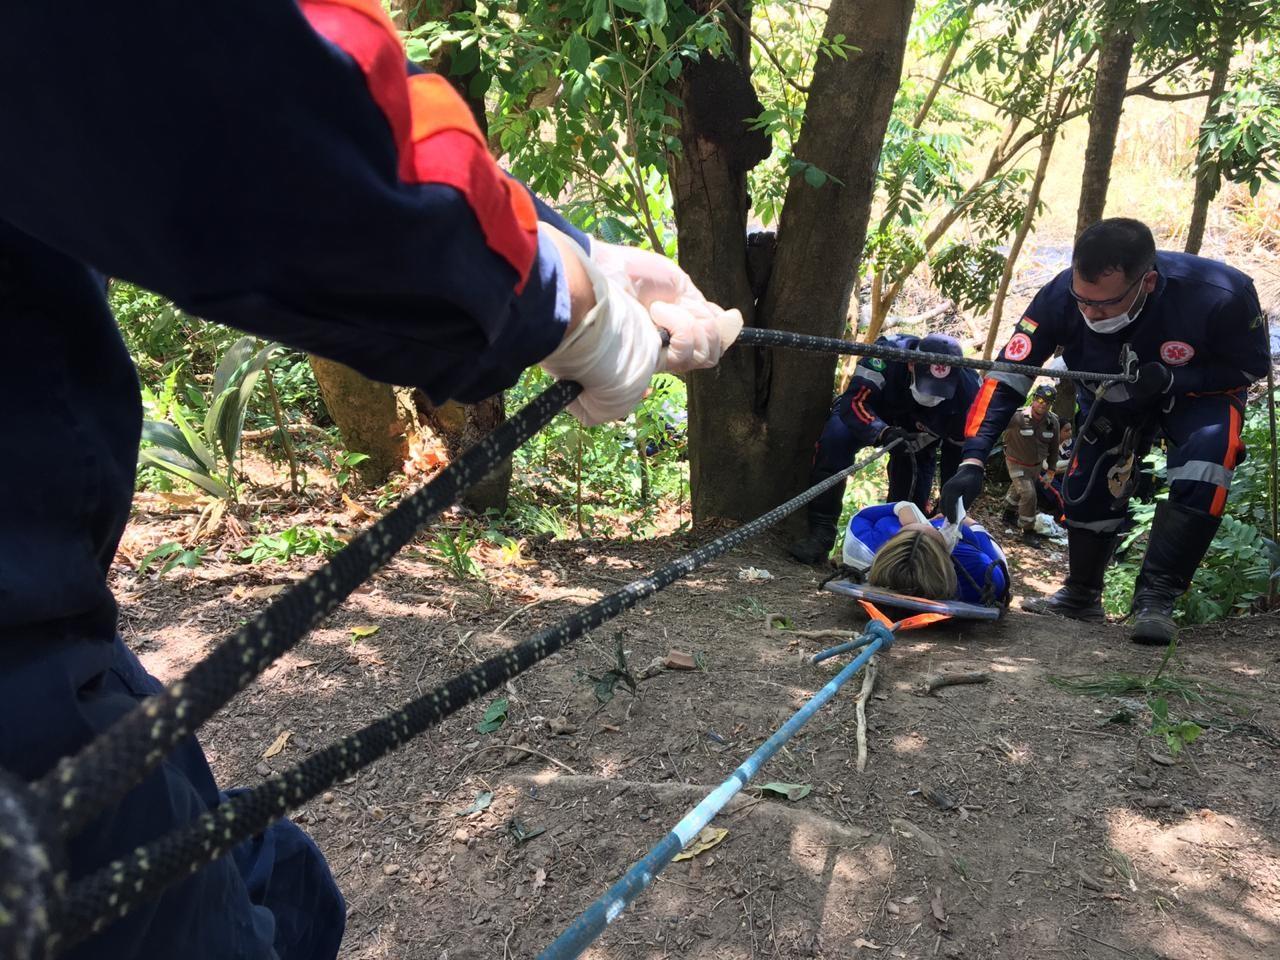 Treinamento em Macapá simula acidentes com resgate e socorro a vítimas feridas em área de mata - Notícias - Plantão Diário